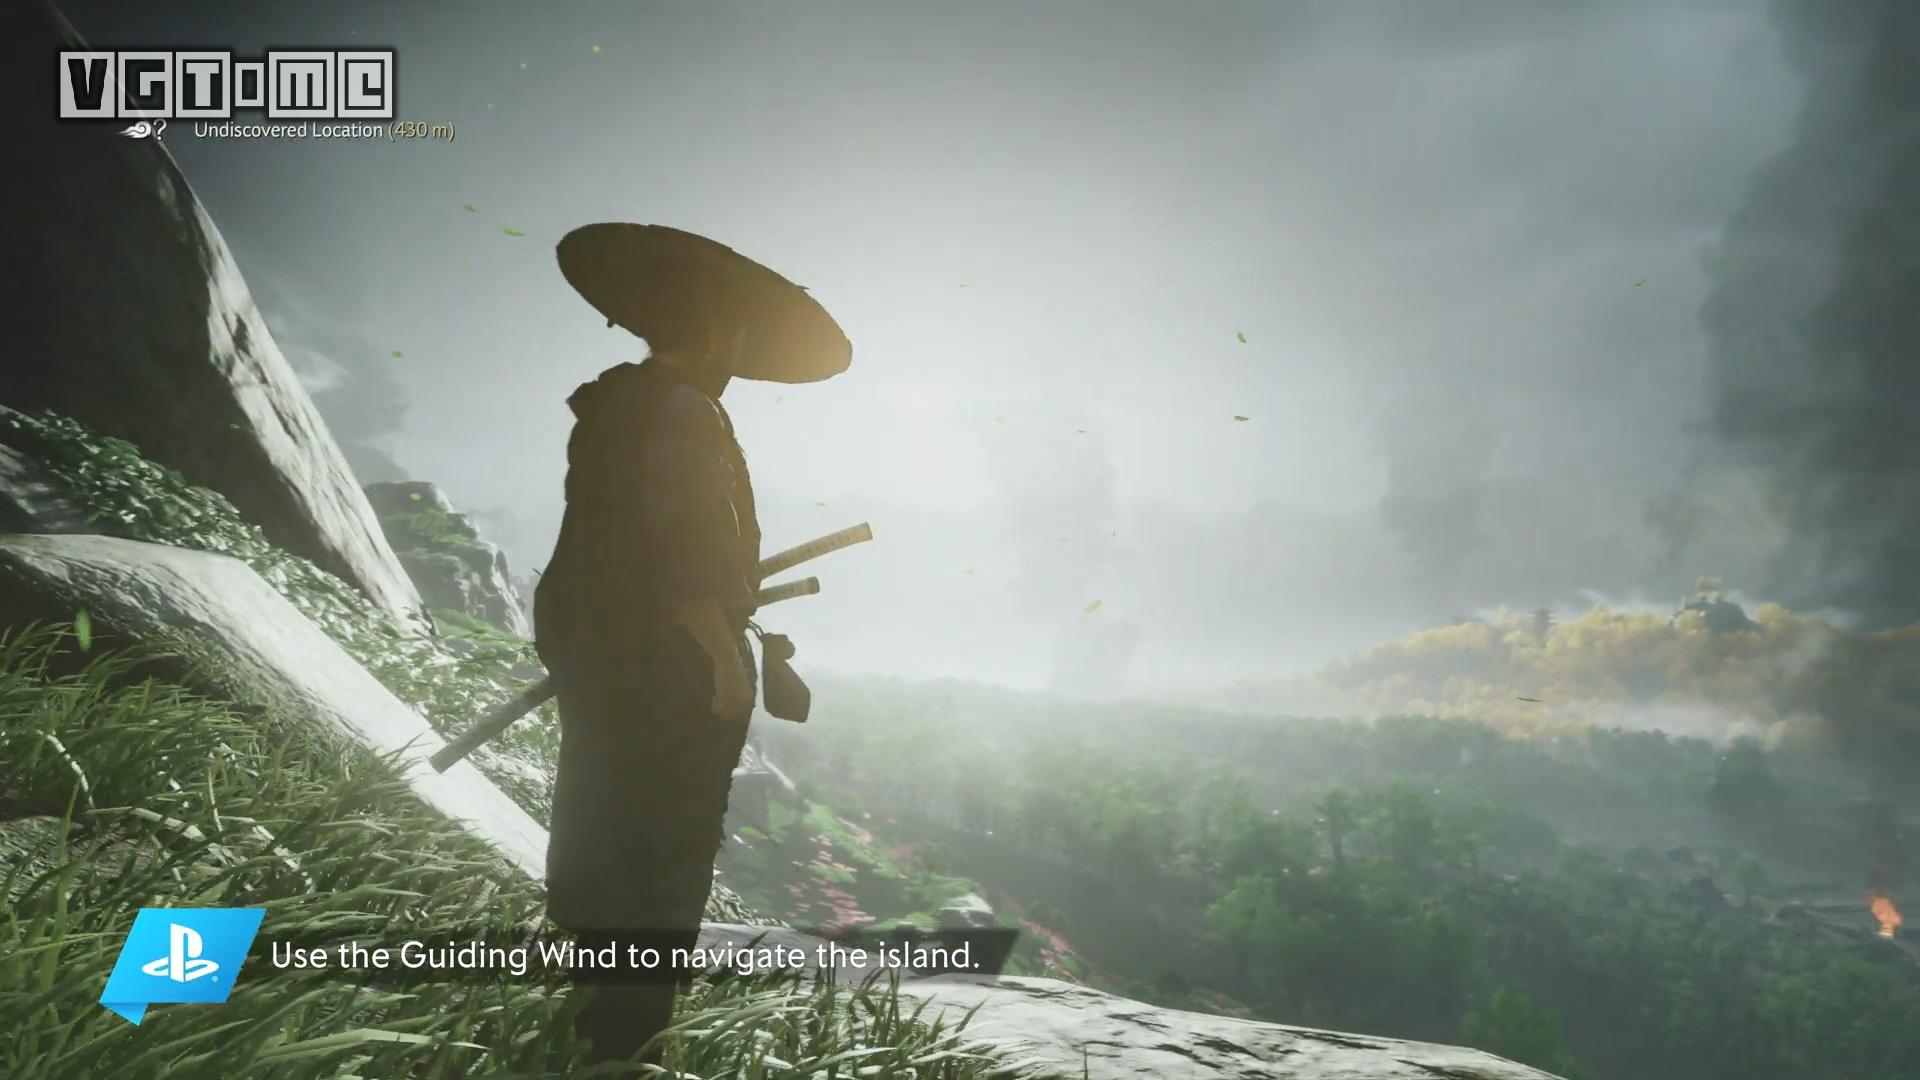 《对马之魂》18分钟介绍视频:探索、战斗与武士精神